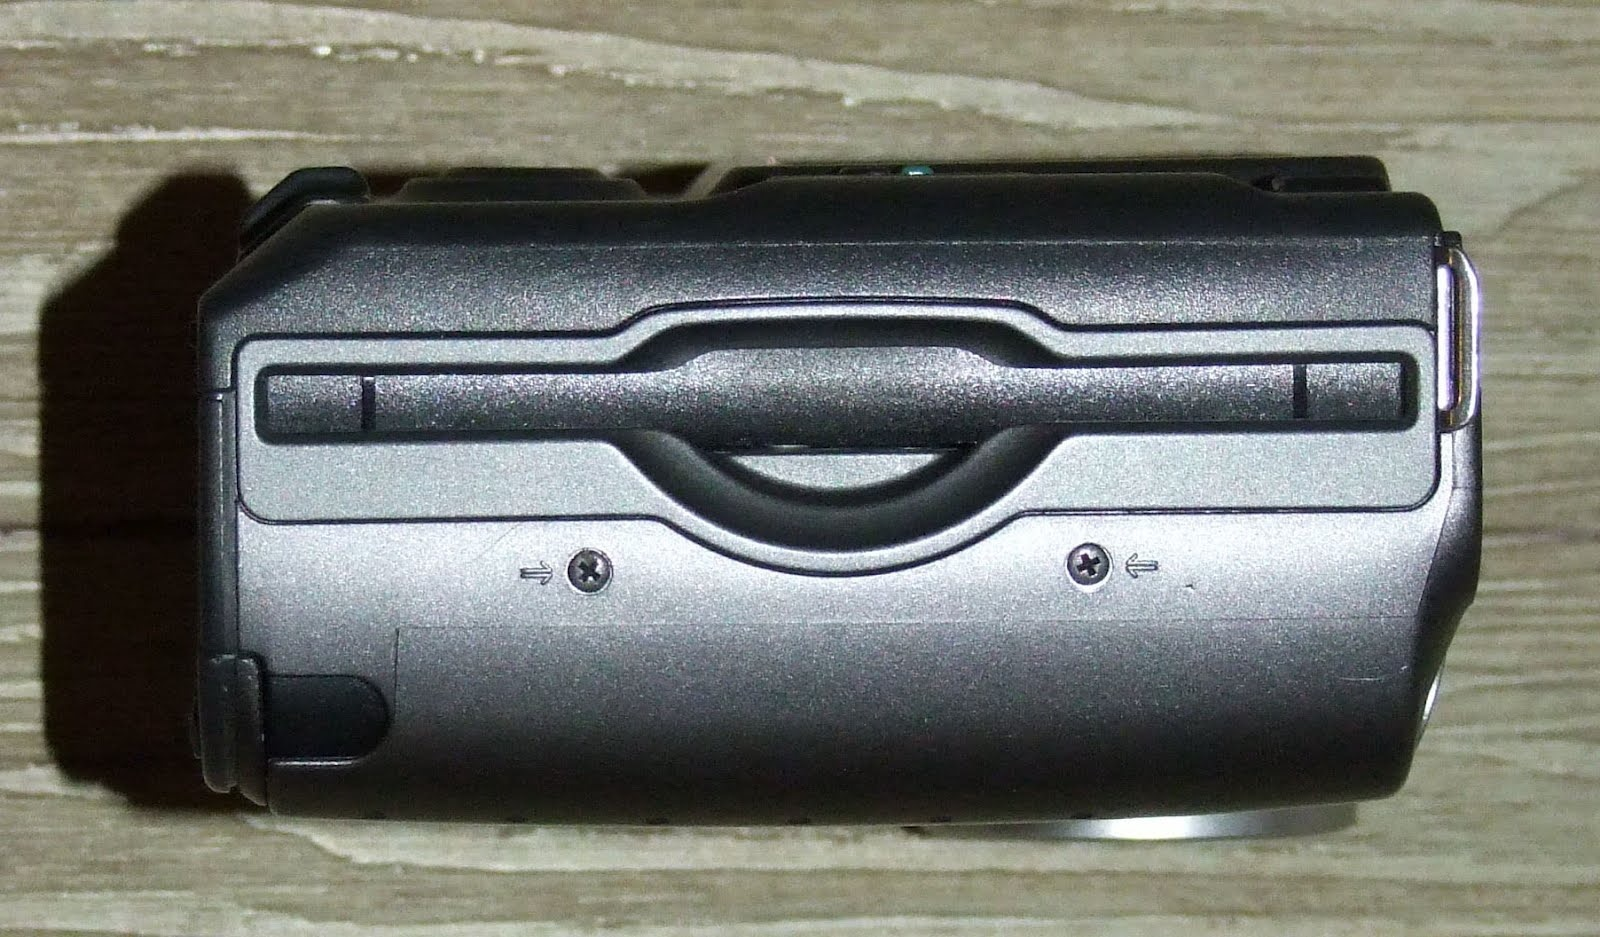 Цифровая камера с дискетой: обозреваем Sony Mavica MVC-FD73 - 3